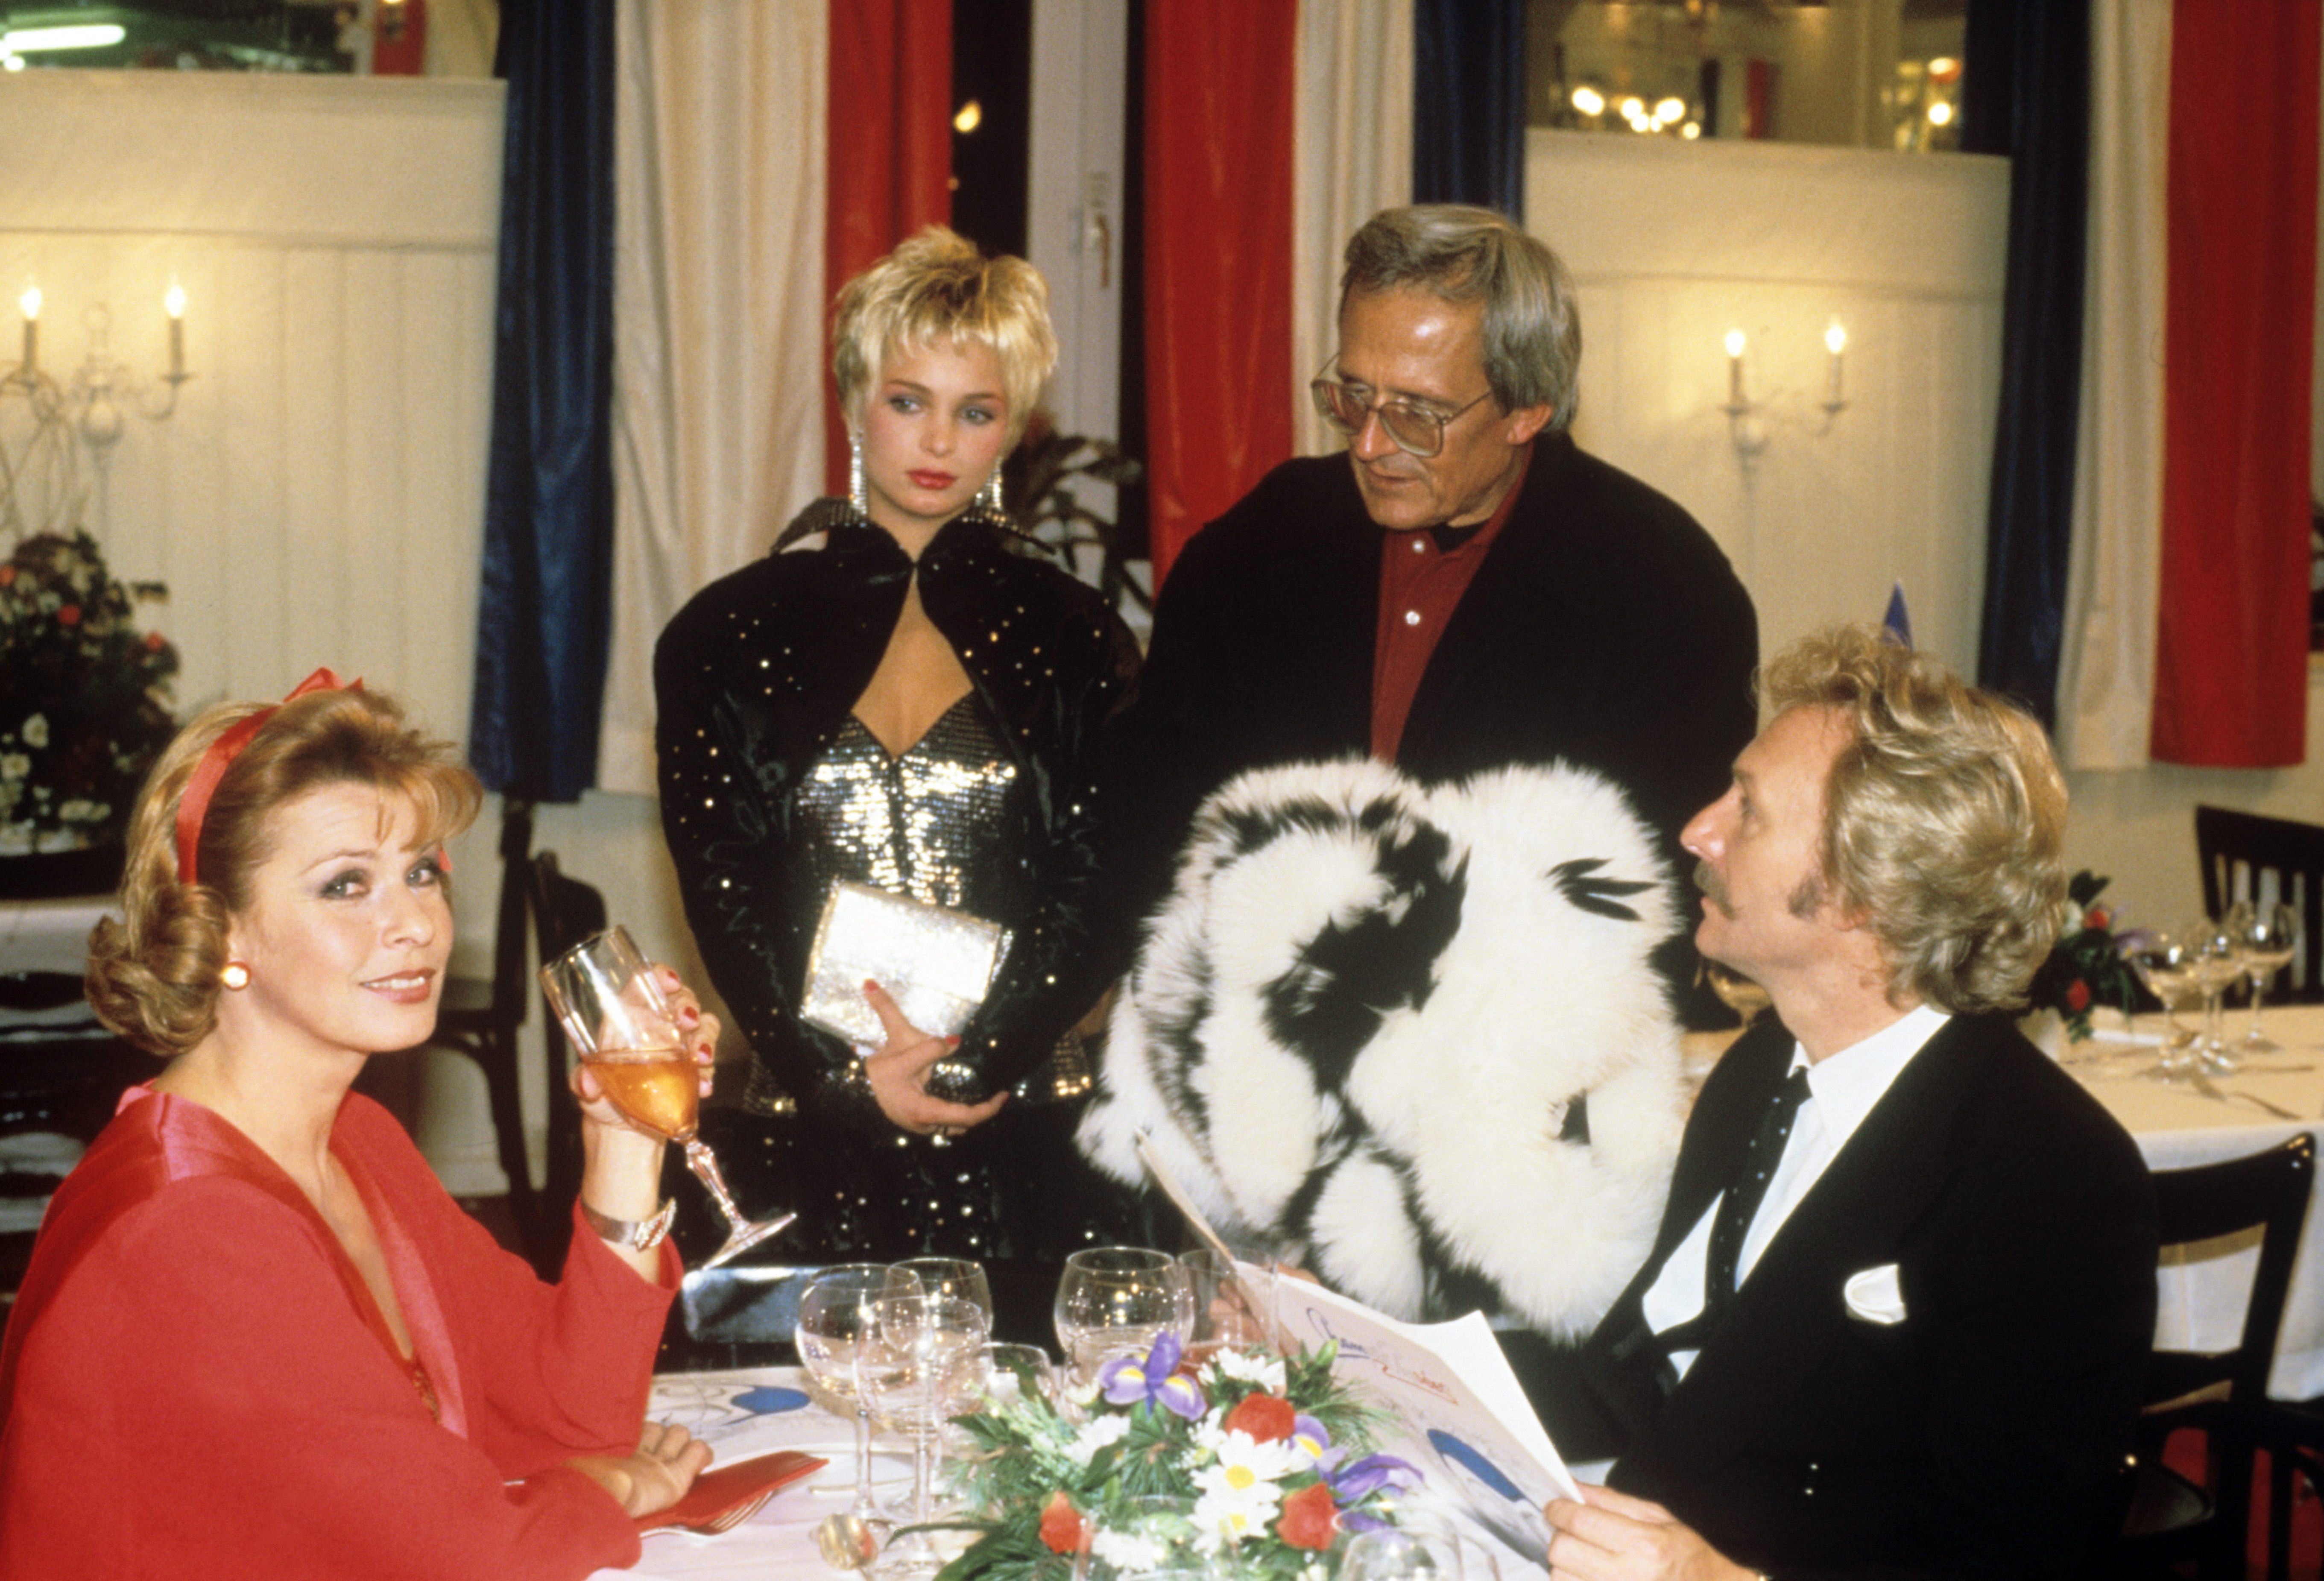 Szene mit (l-r) Senta Berger als Mona, Corinna Drews als ein Starlet, Dieter Hildebrandt als Fotograf Herbie Fried und Franz